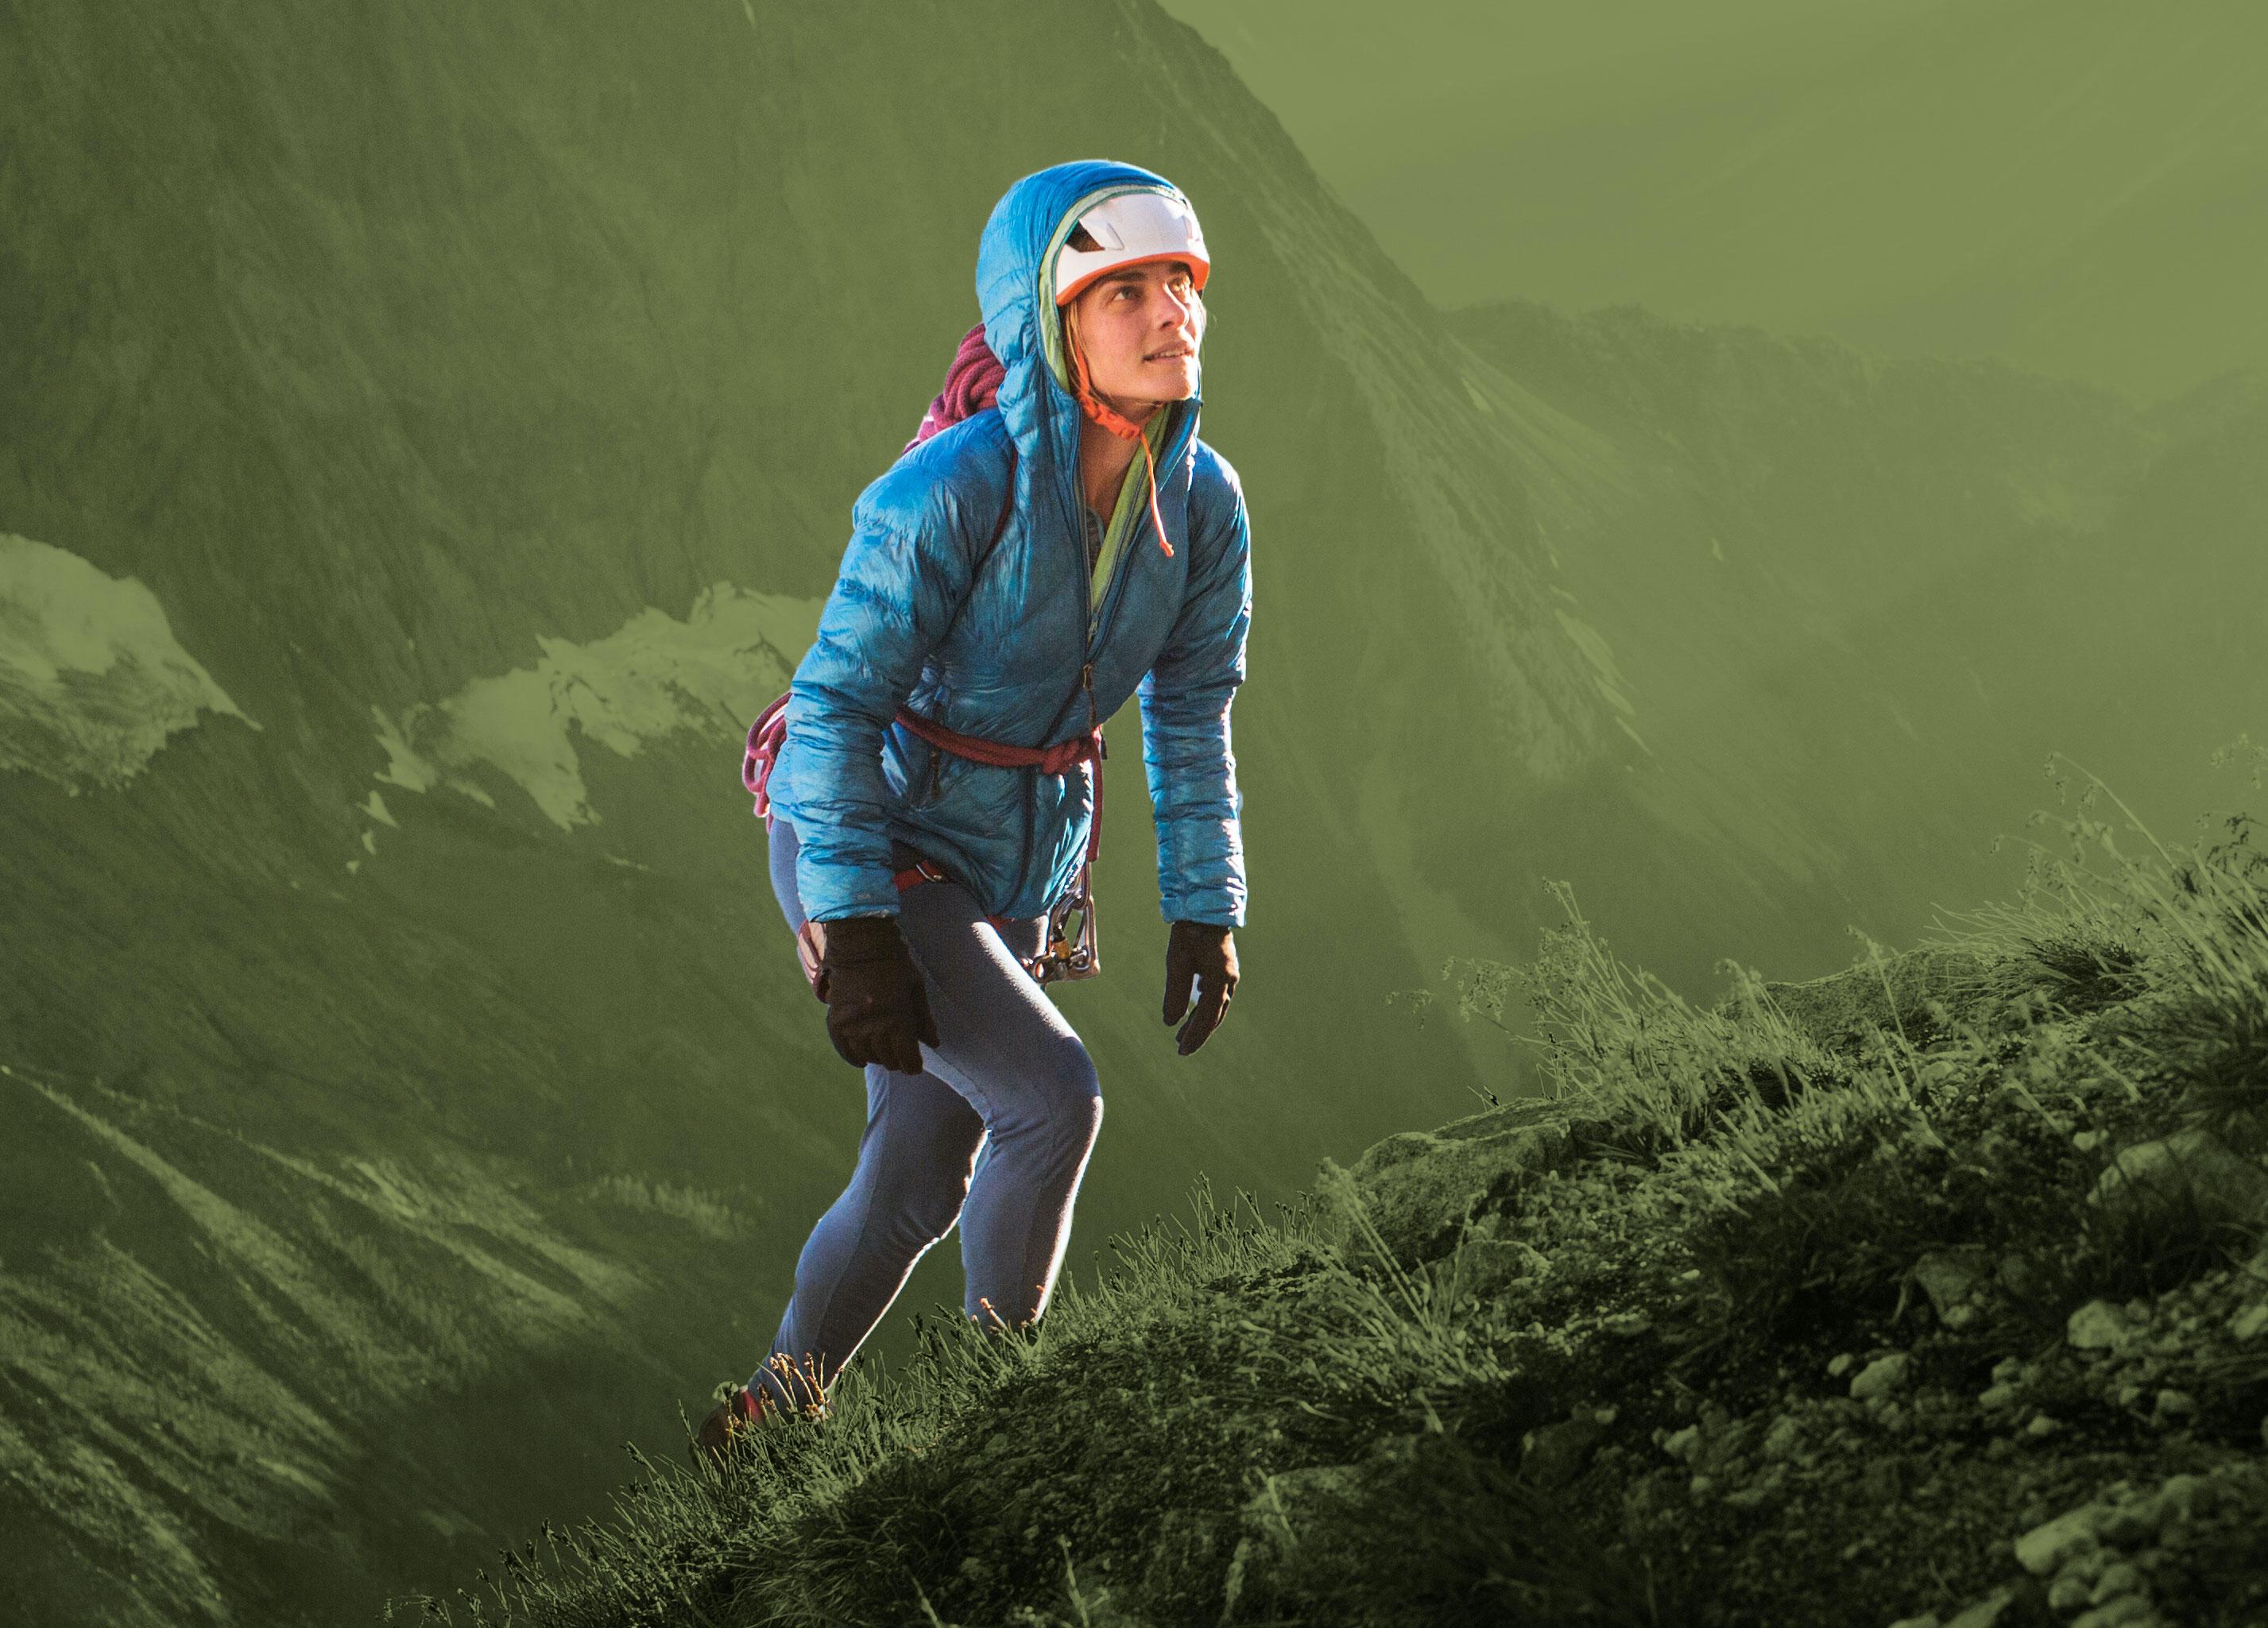 bergkralle_sport_freizeit.jpg